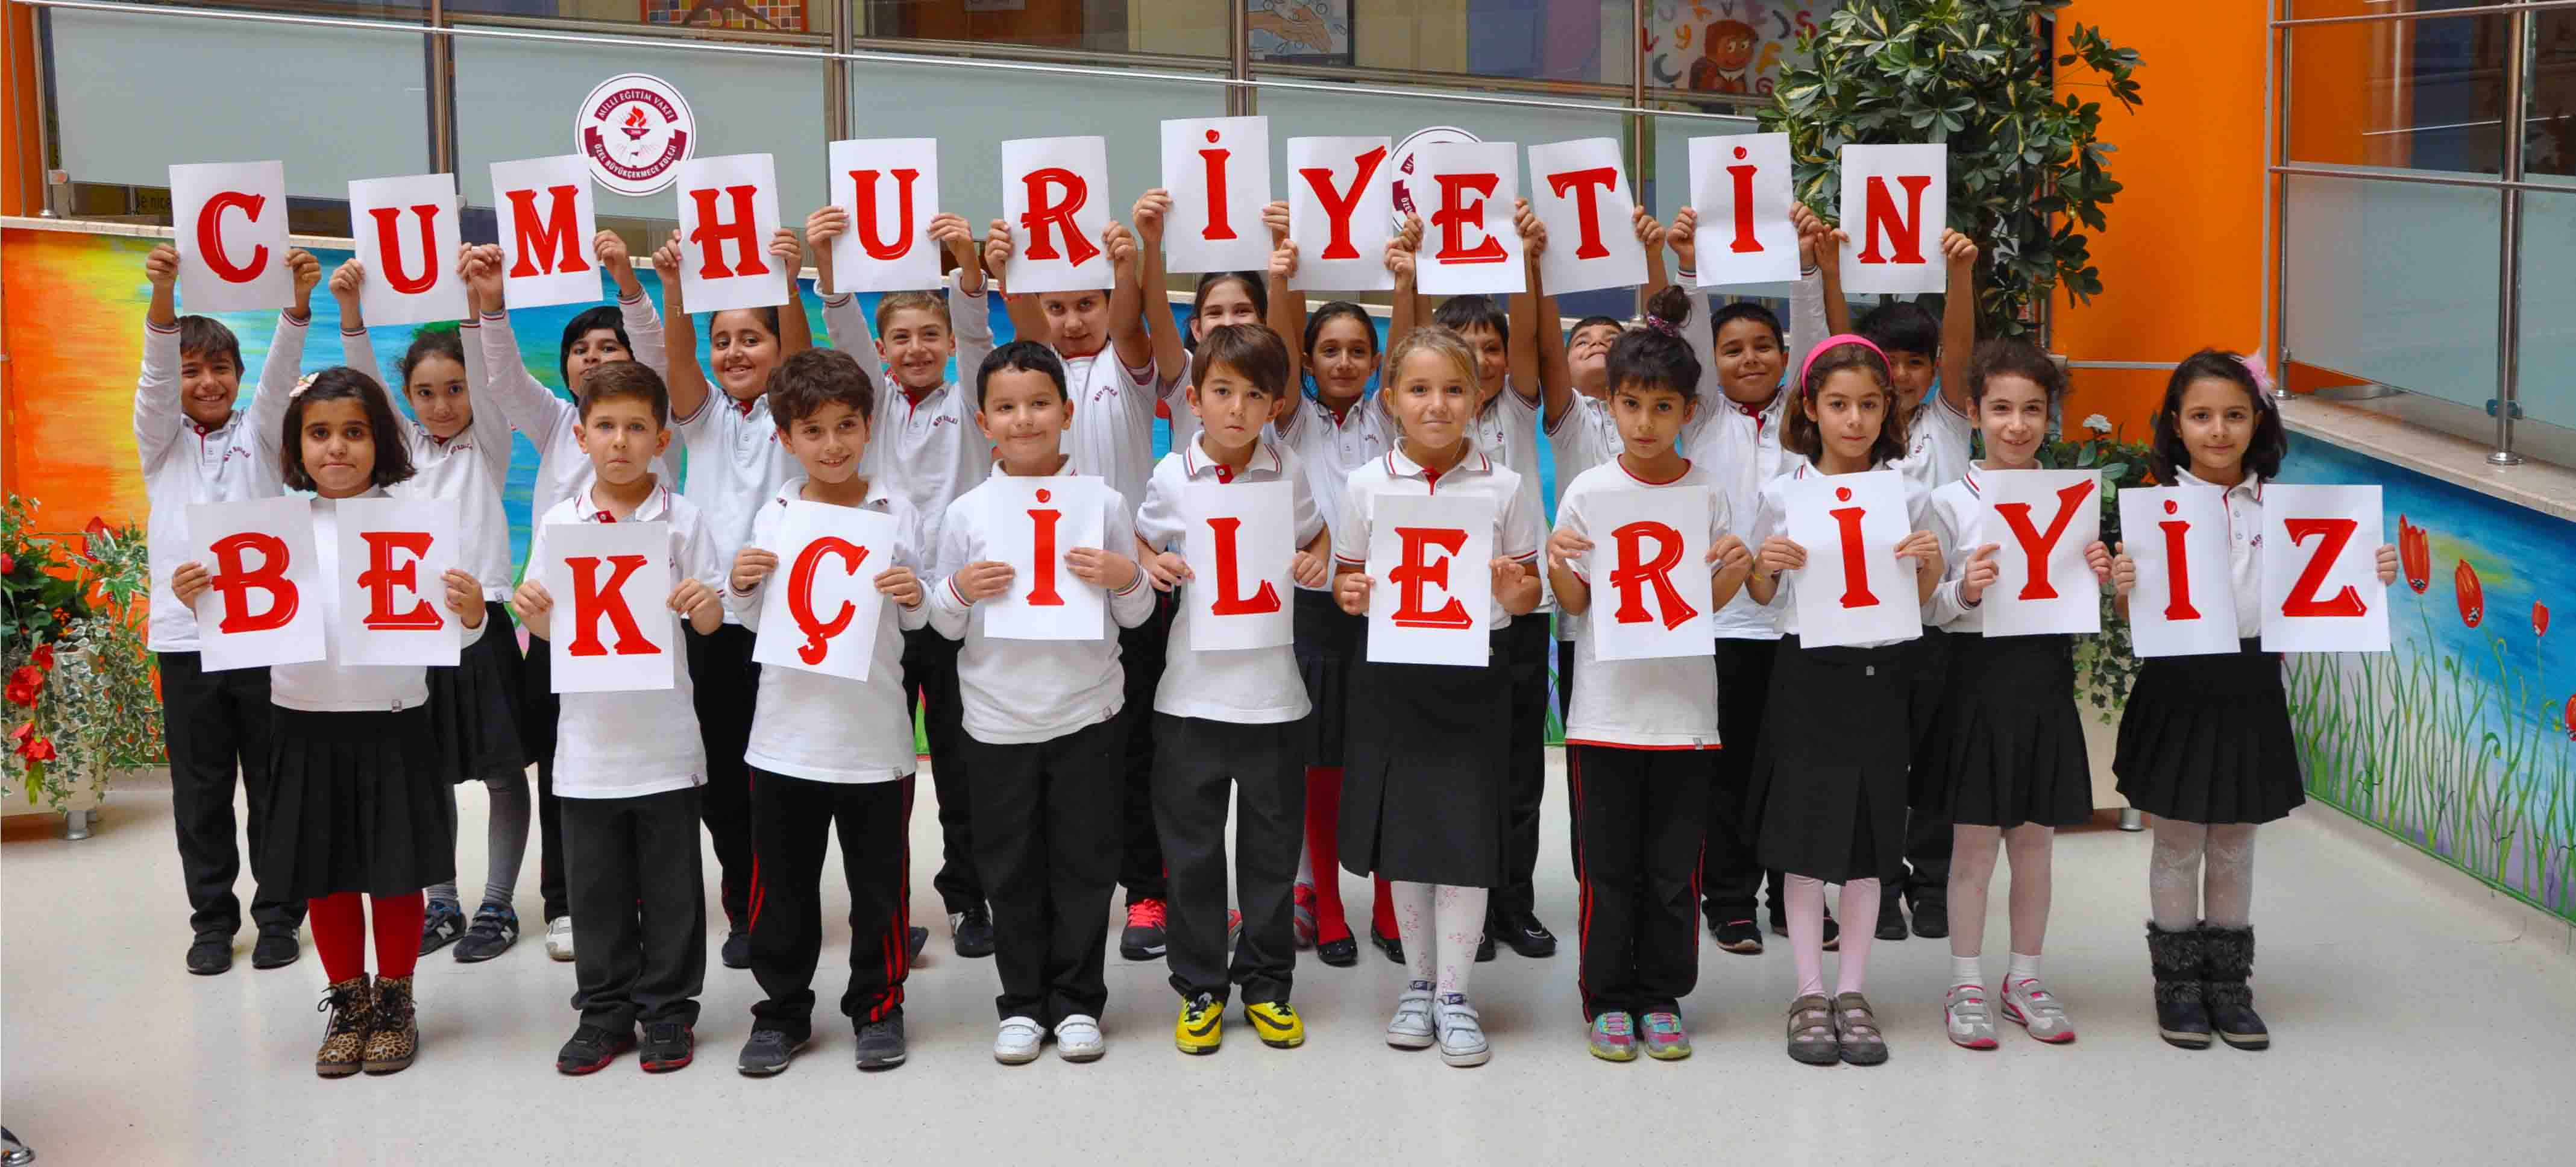 MEV Kültüründe Atatürk'ün Yeri